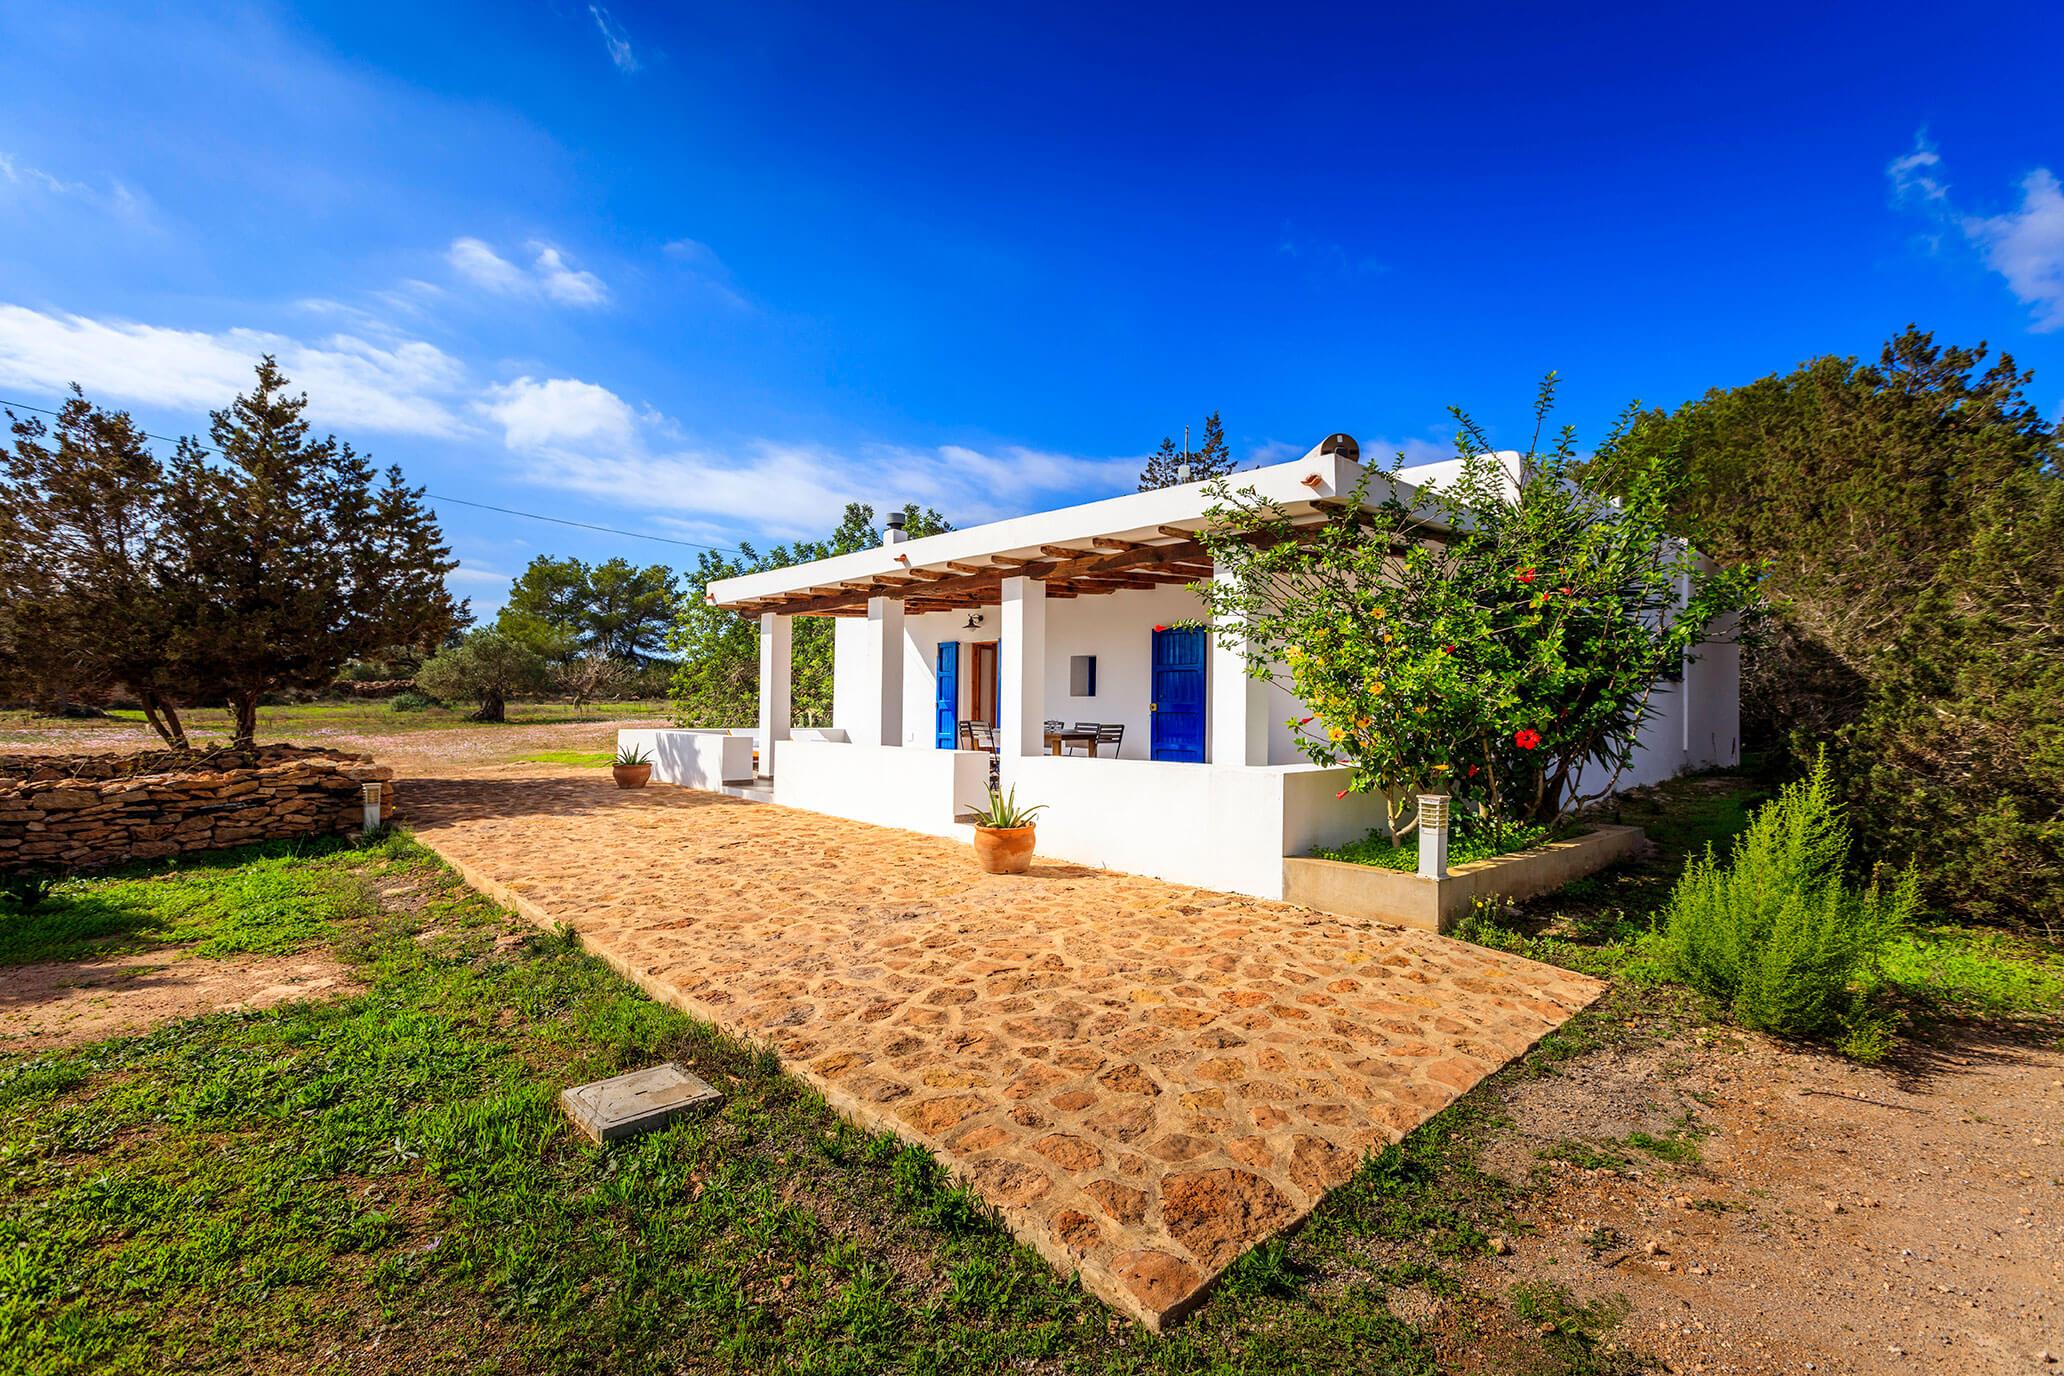 Casa rural en Formentera con un extenso jardín en un entorno tranquilo y rural. Alojamientos turísticos Cardona en Formentera